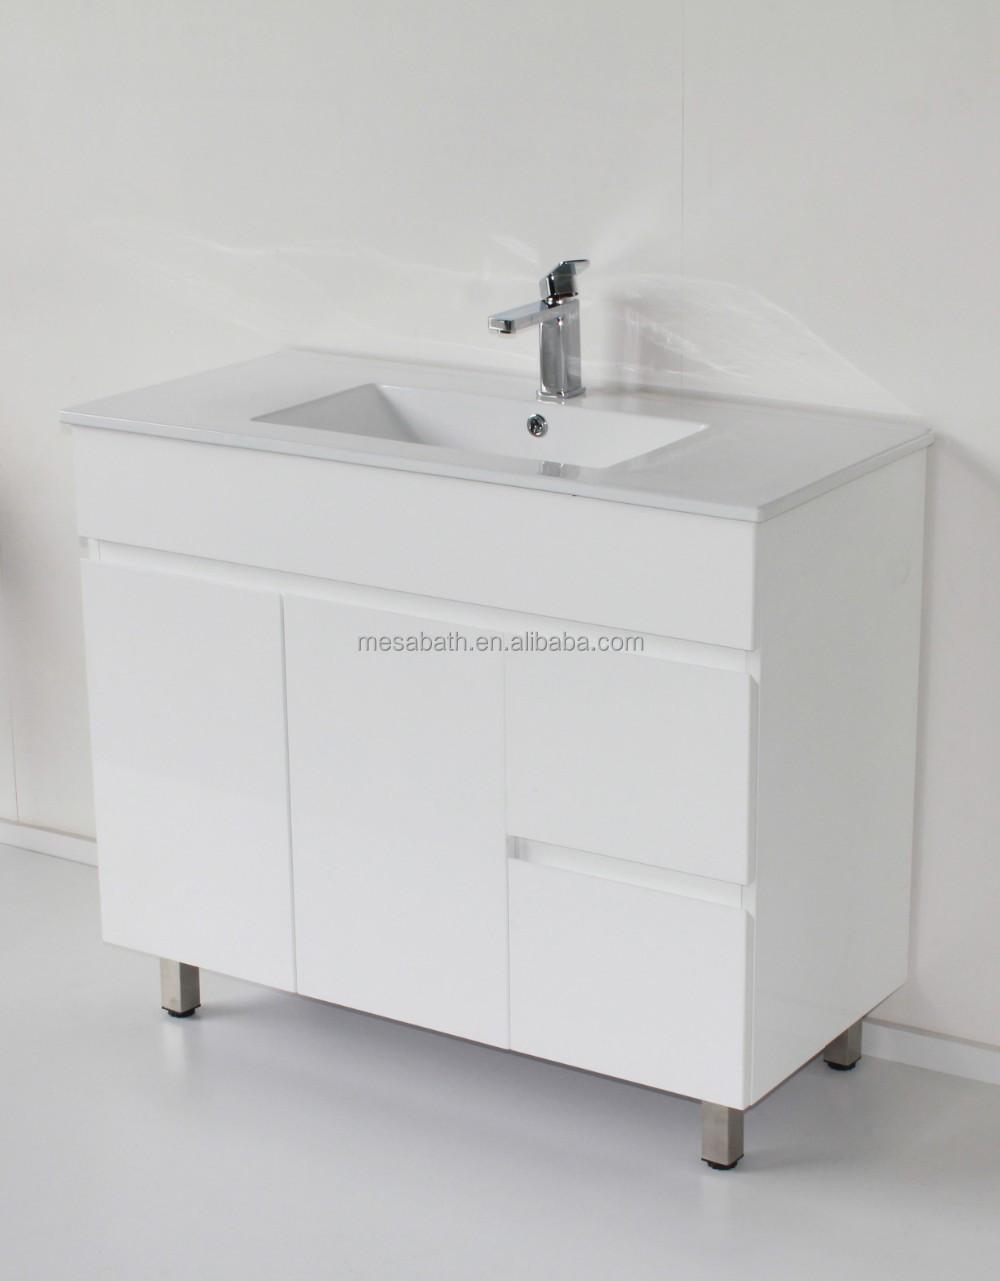 Bathroom Vanity Cabinet Metal, Bathroom Vanity Cabinet Metal ...